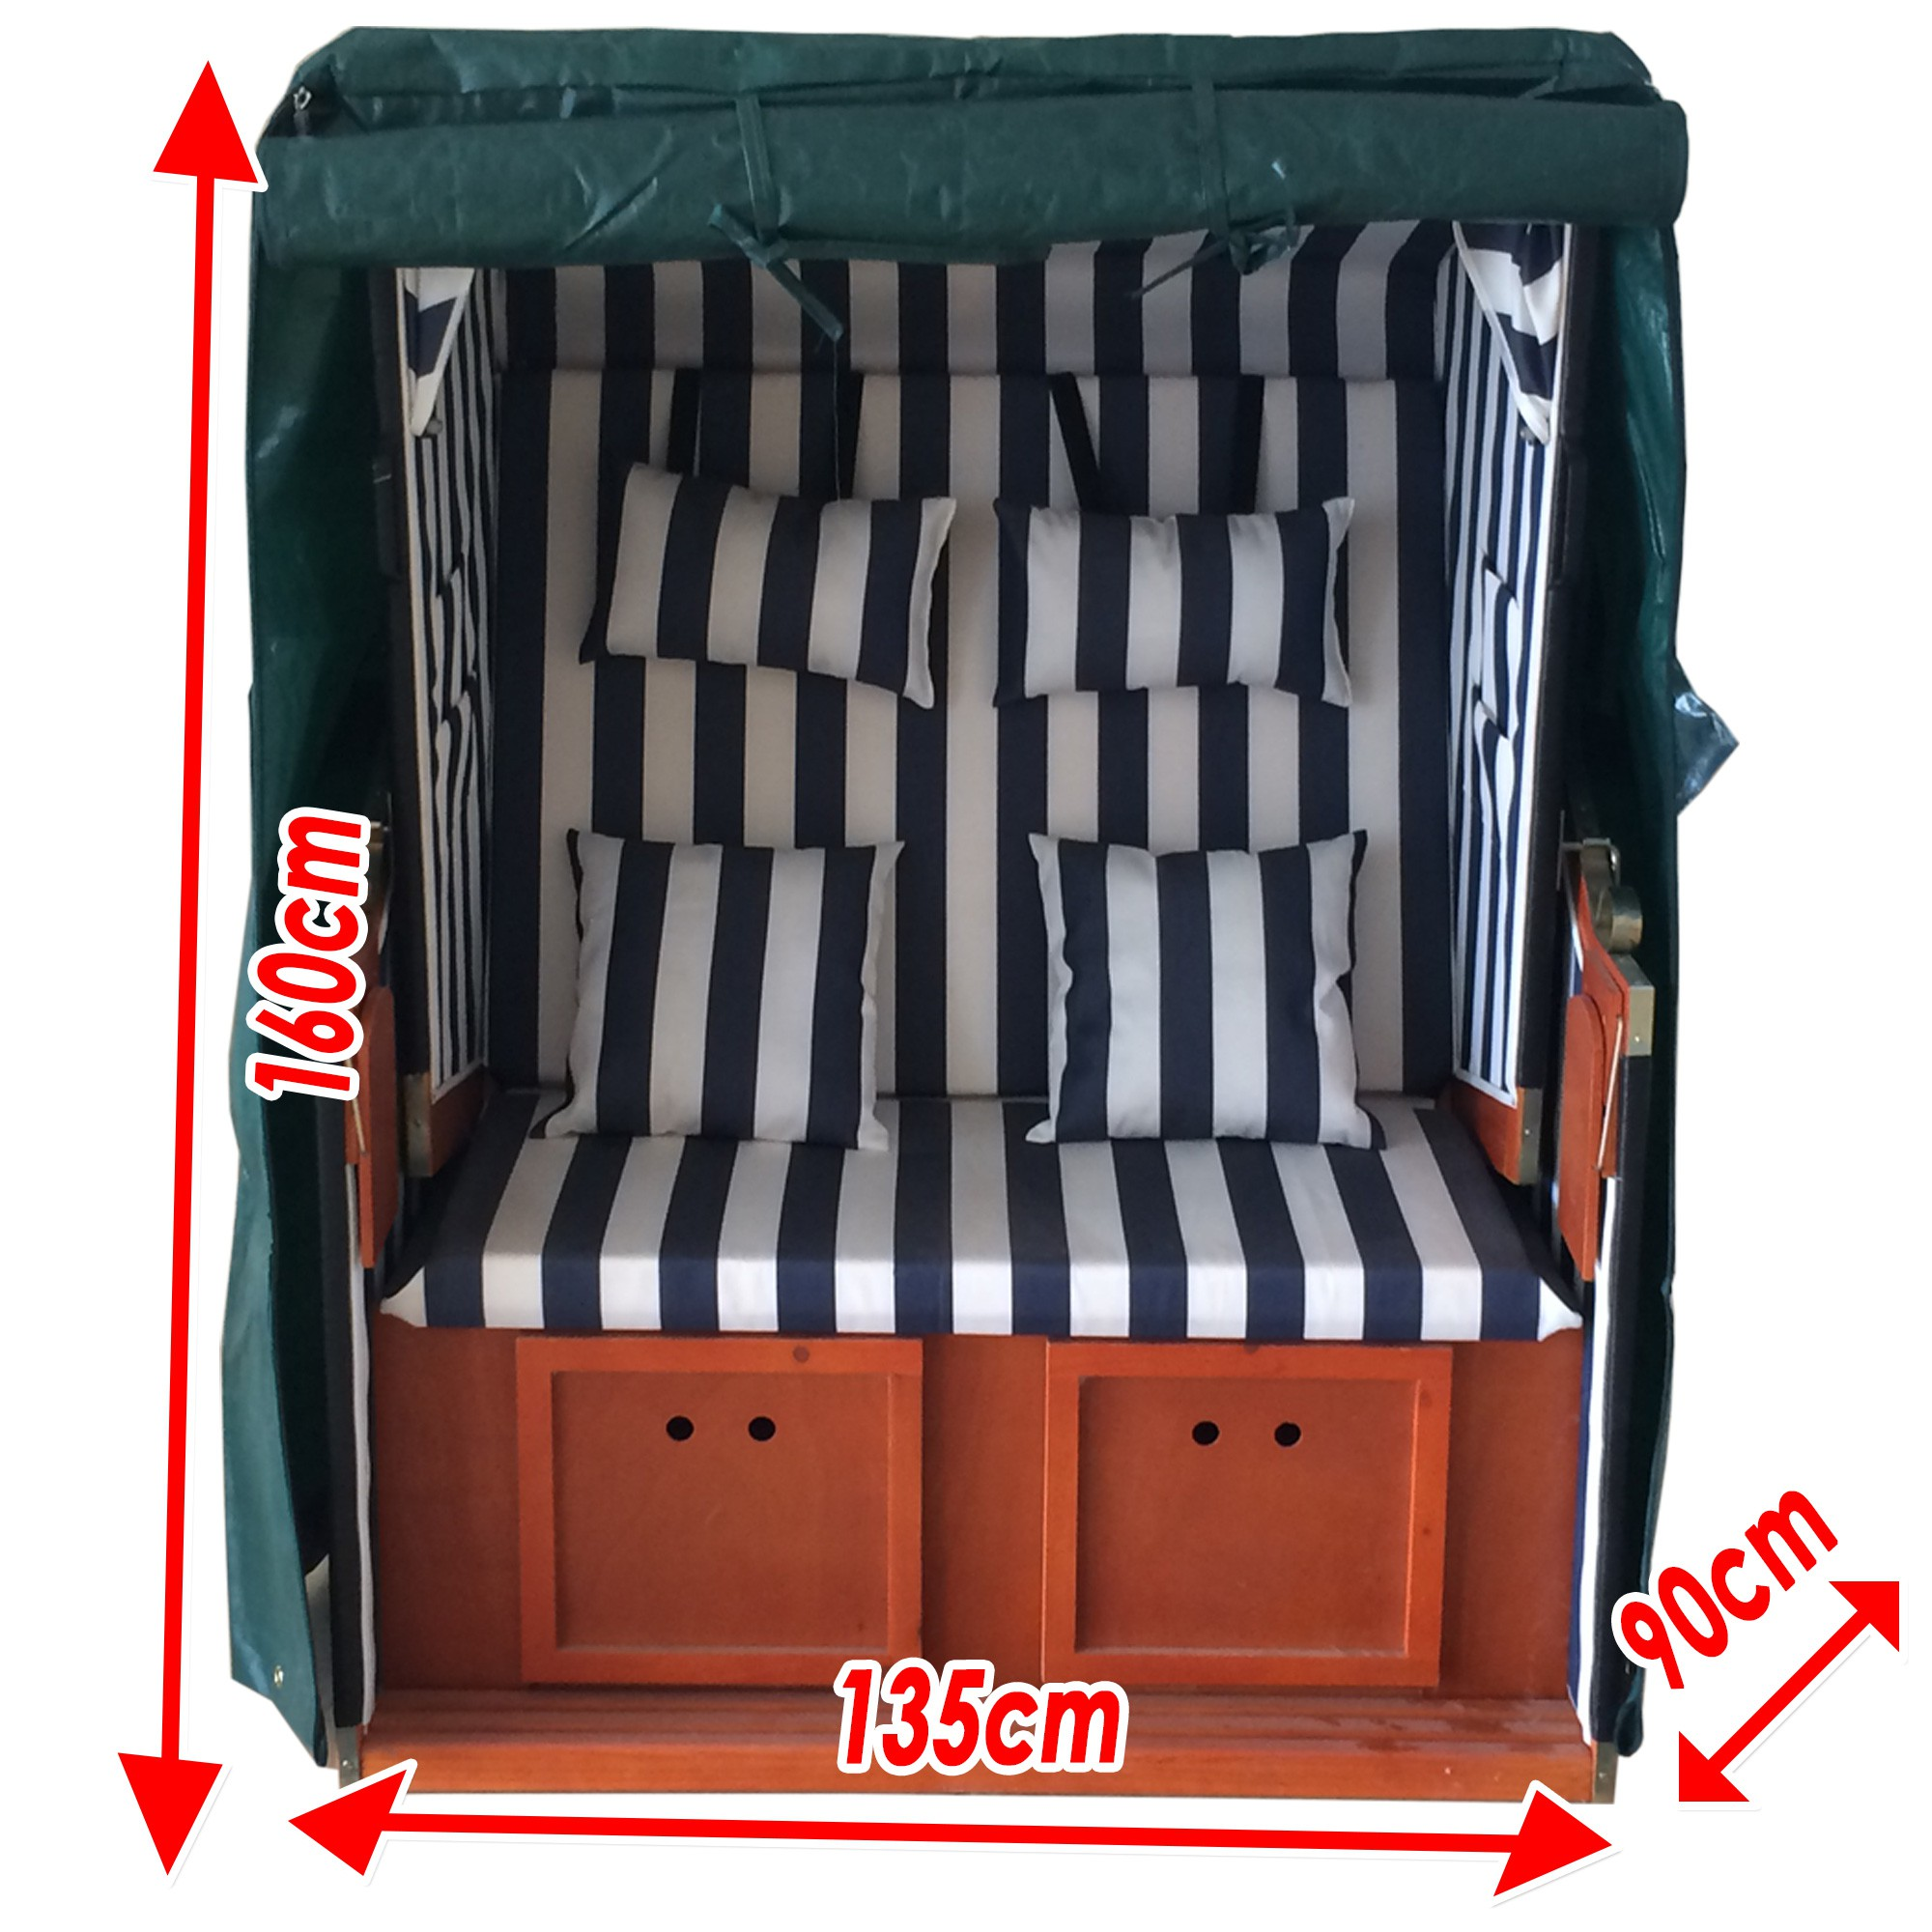 schutzh lle f r strandkorb g nstig strandkorb schutzh lle xxl kaufen. Black Bedroom Furniture Sets. Home Design Ideas